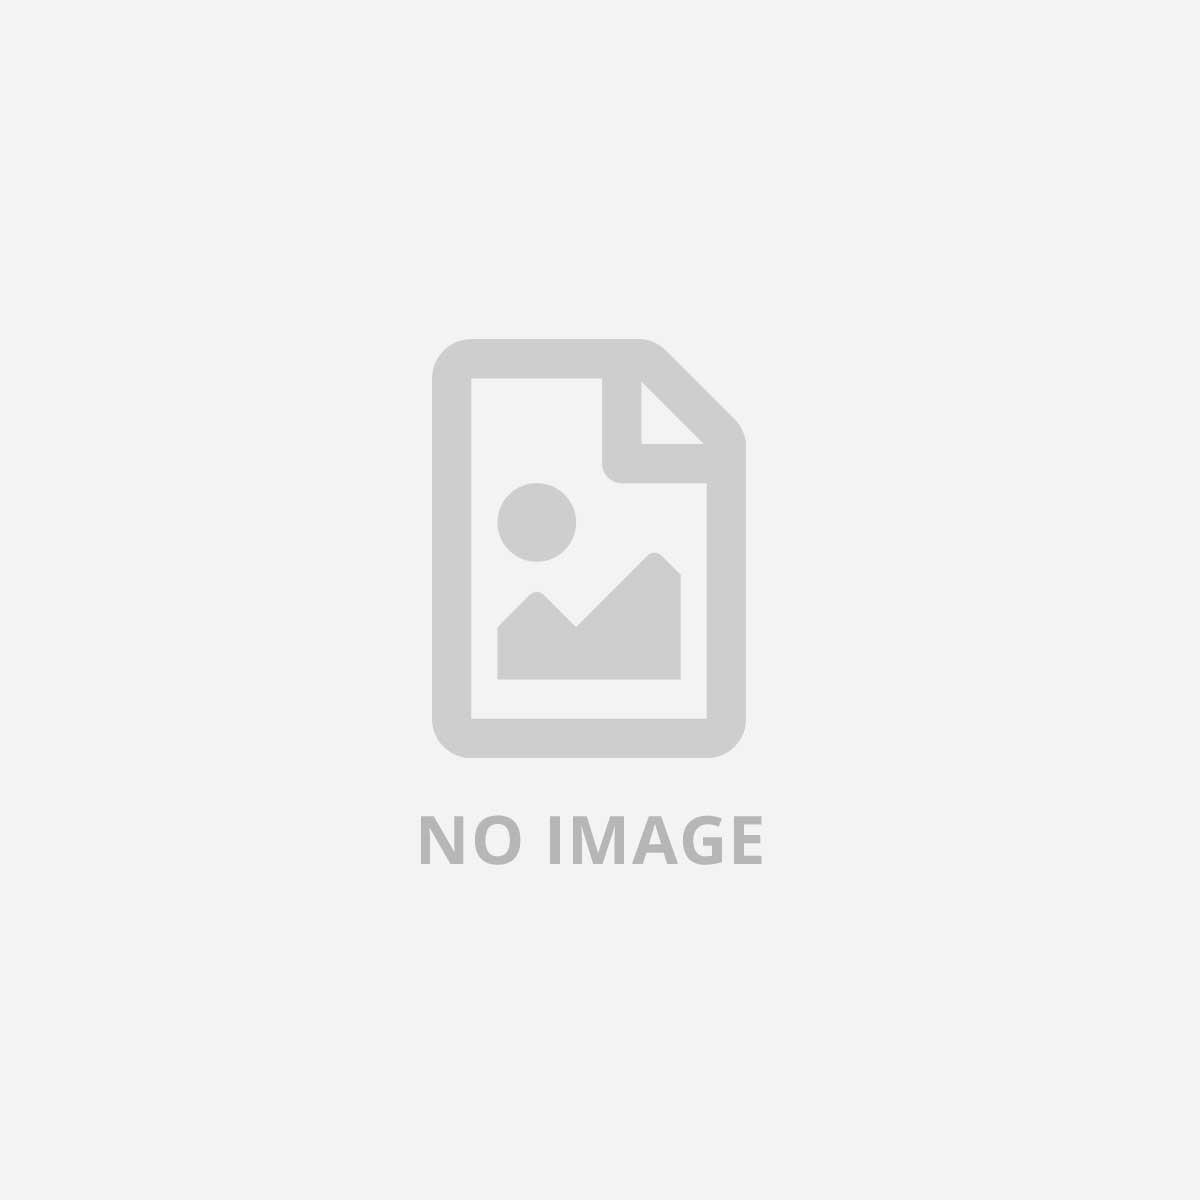 CASIO HL-815L